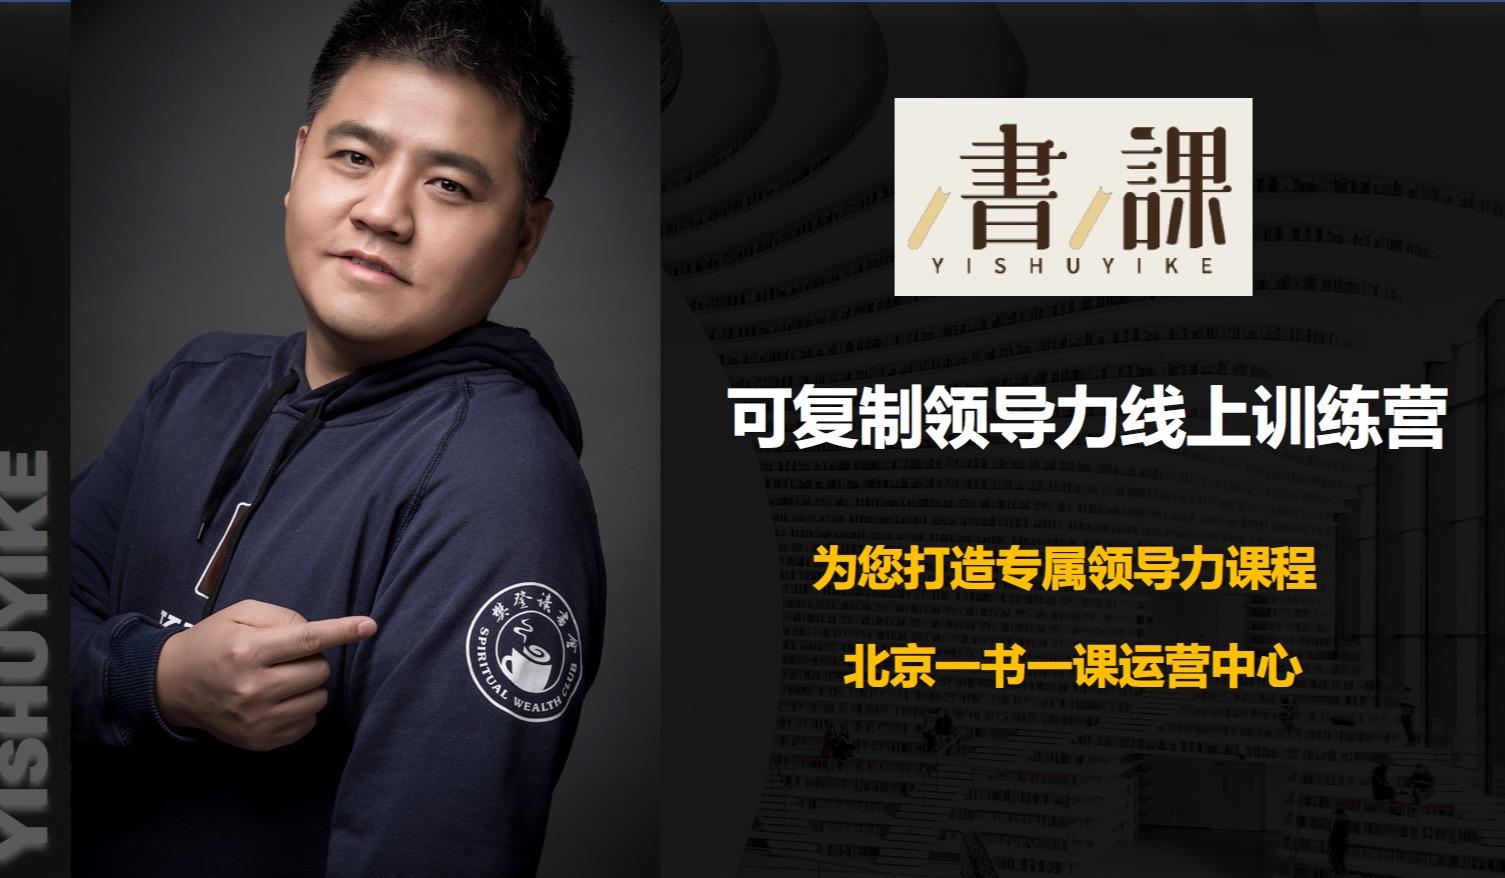 """樊登""""可复制领导力线上训练营""""线上预招生""""一书一课""""北京运营中心"""